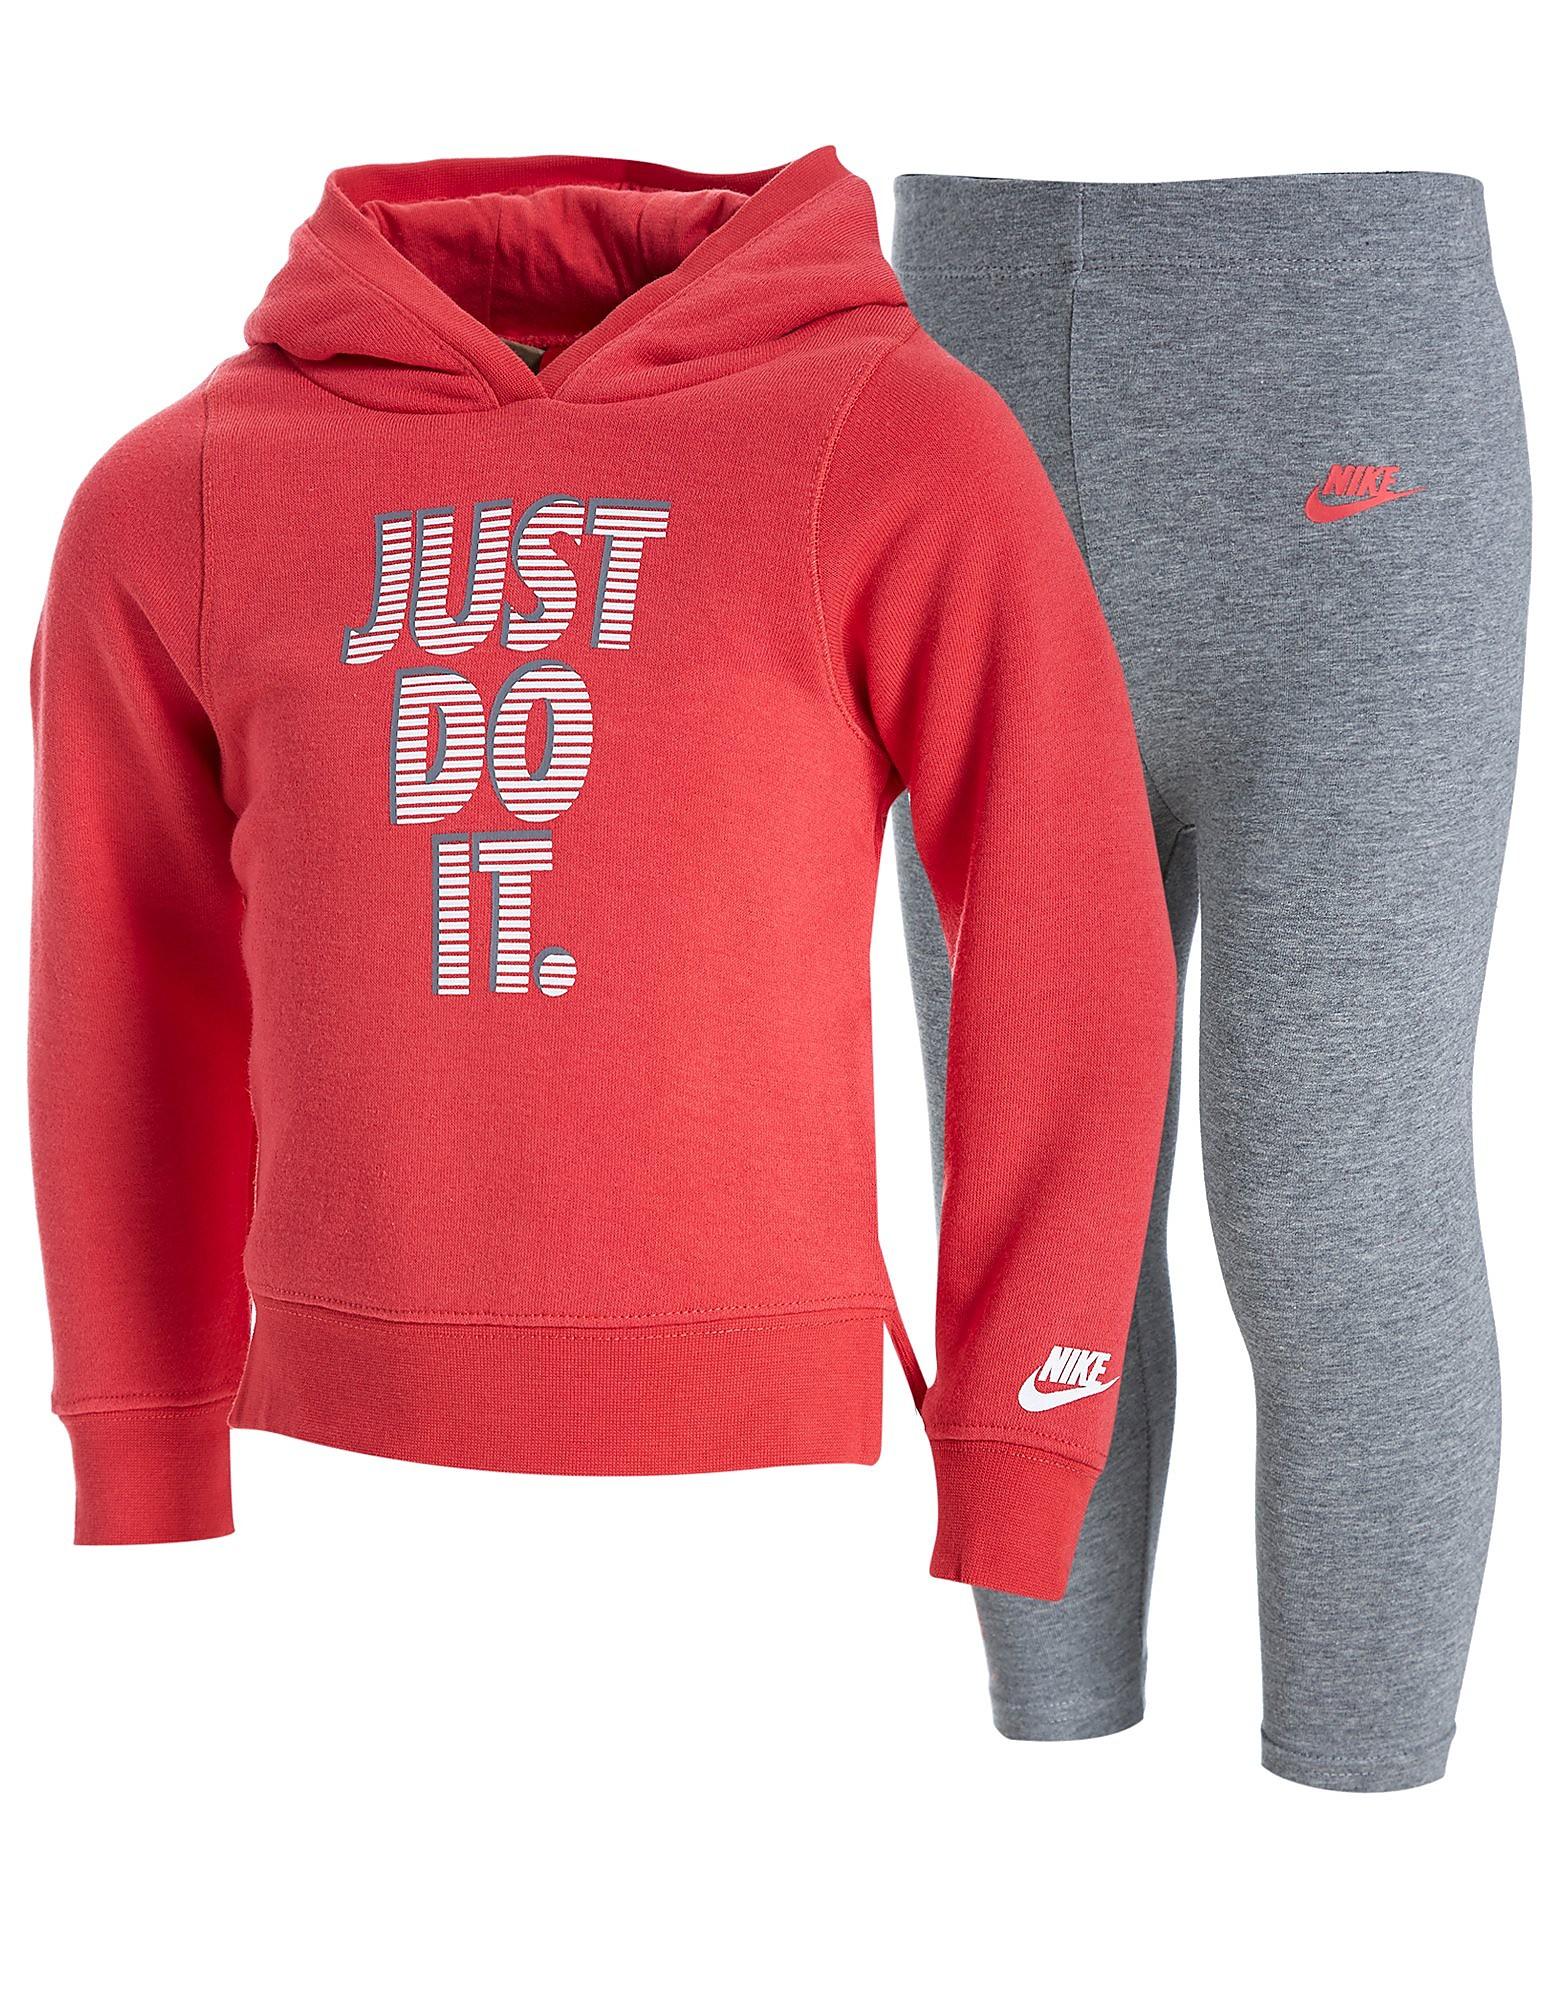 Nike conjunto de sudadera y leggings Just Do It para bebés